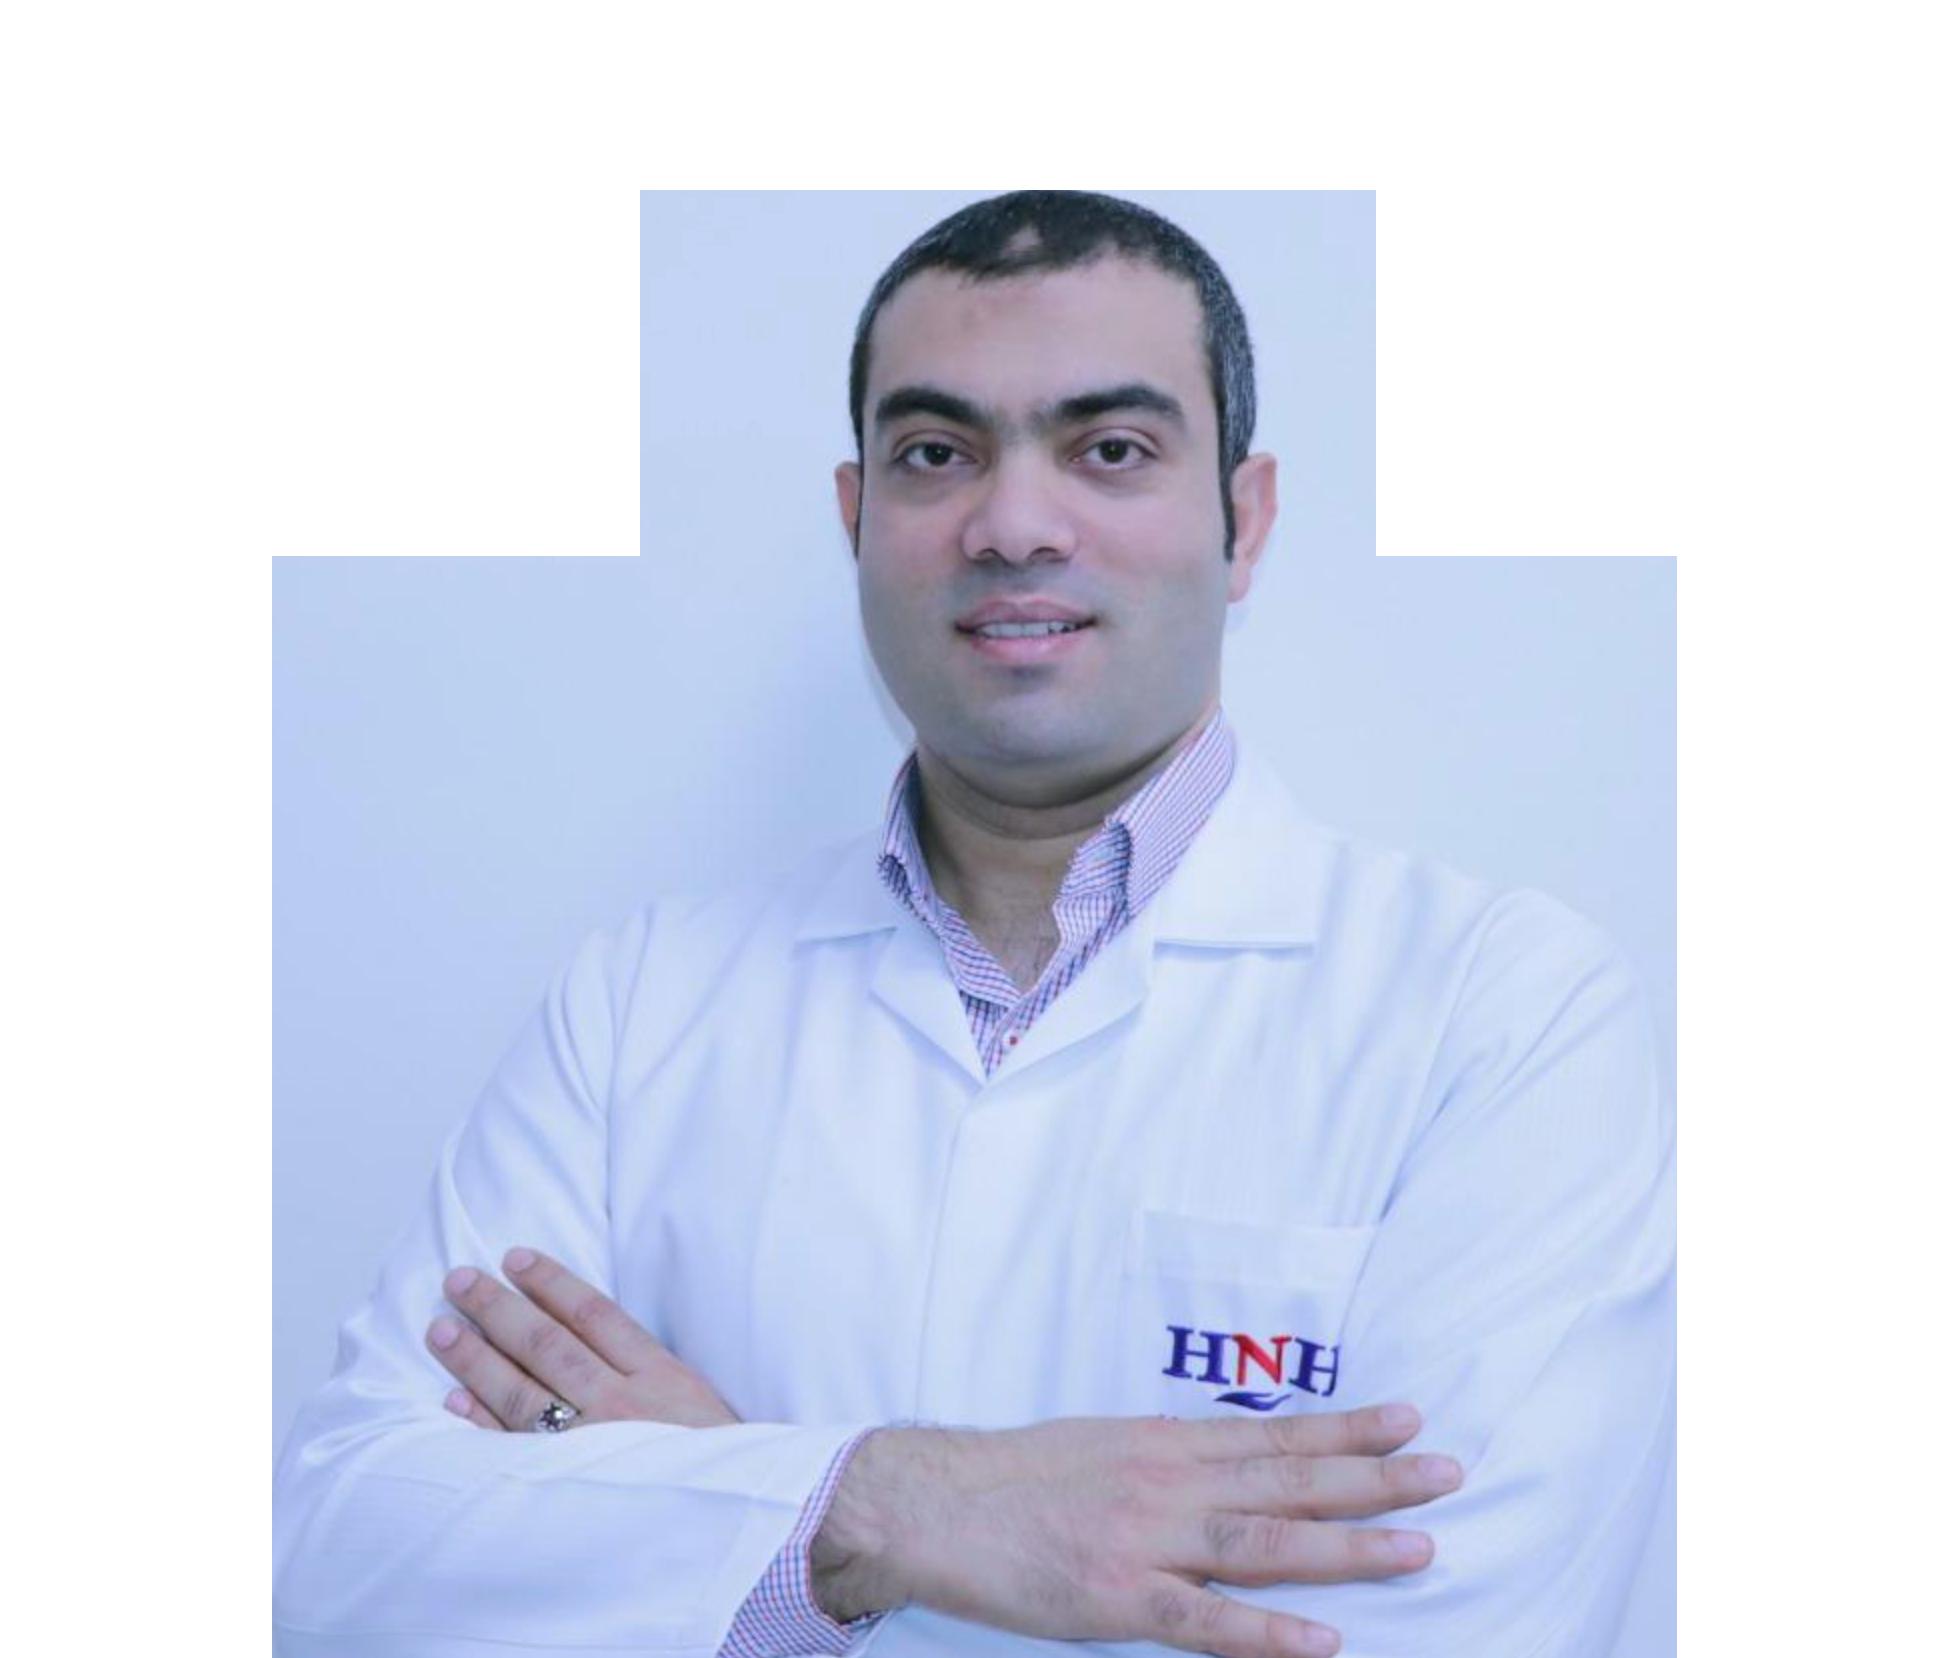 الدكتور - رامي صالح عامر | قسم العيون | مستشفى الحياة الوطني القصيم | عمليات القرنية المخروطية | عمليات الليزك | عمليات الأنتراليزك | عمليات زع العدسات